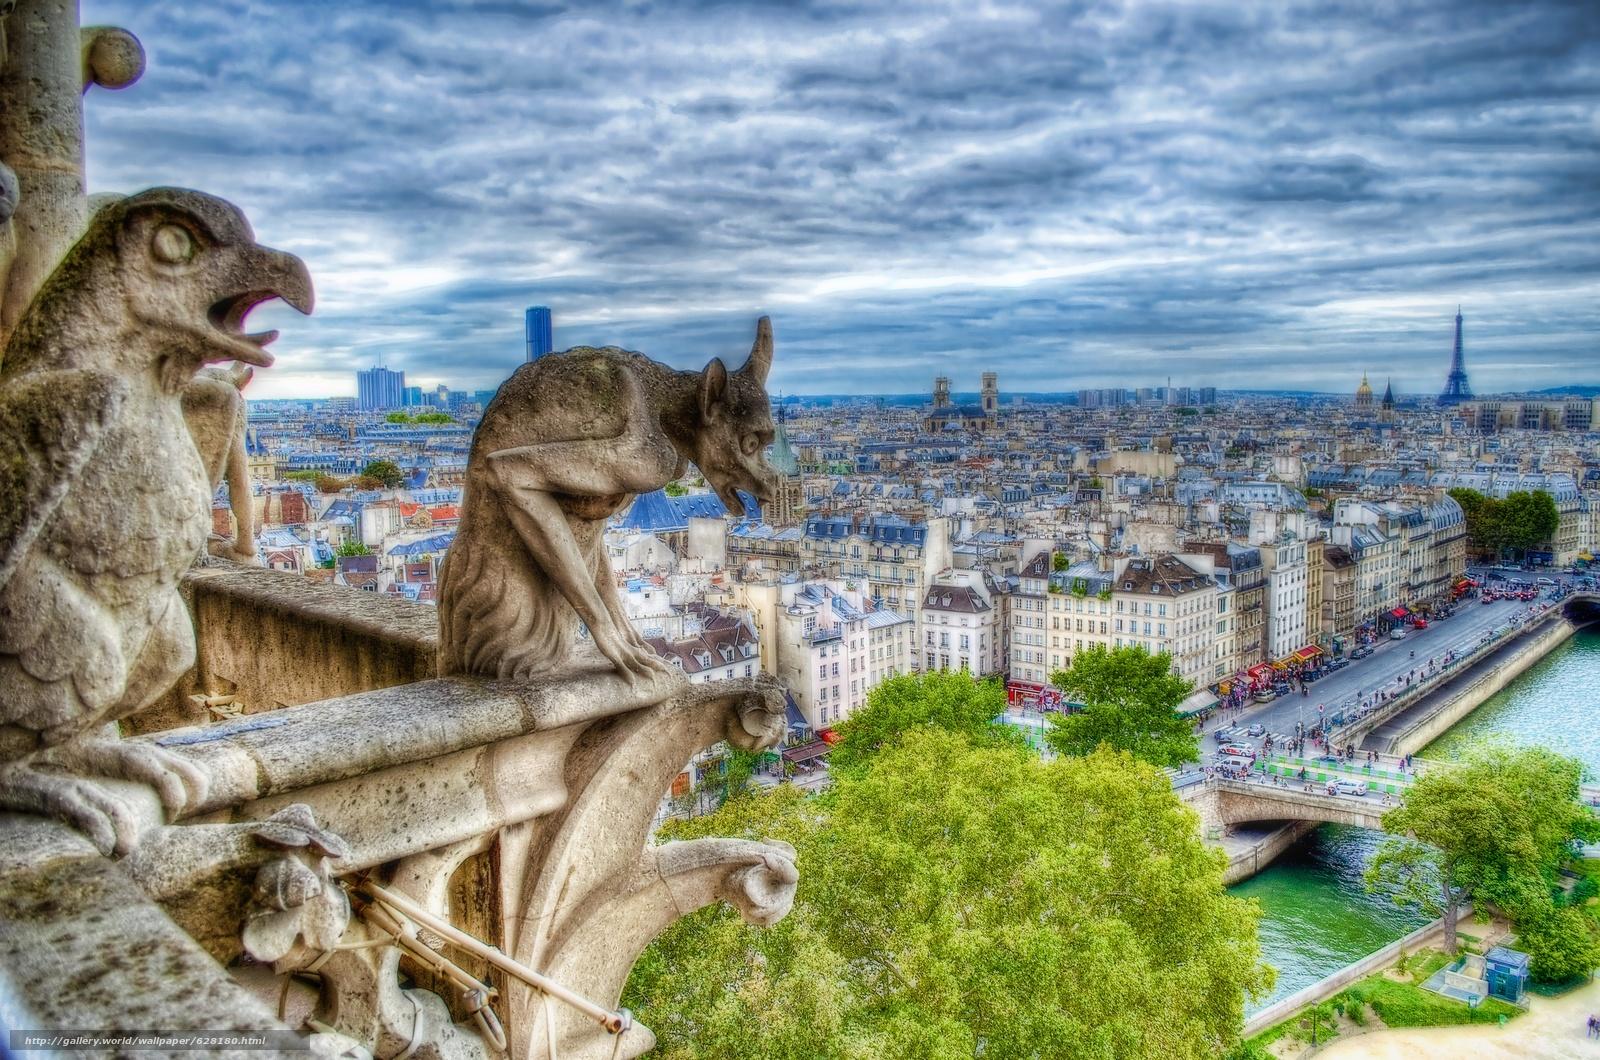 Скачать на телефон обои фото картинку на тему Paris, France, париж, франция, разширение 4928x3264